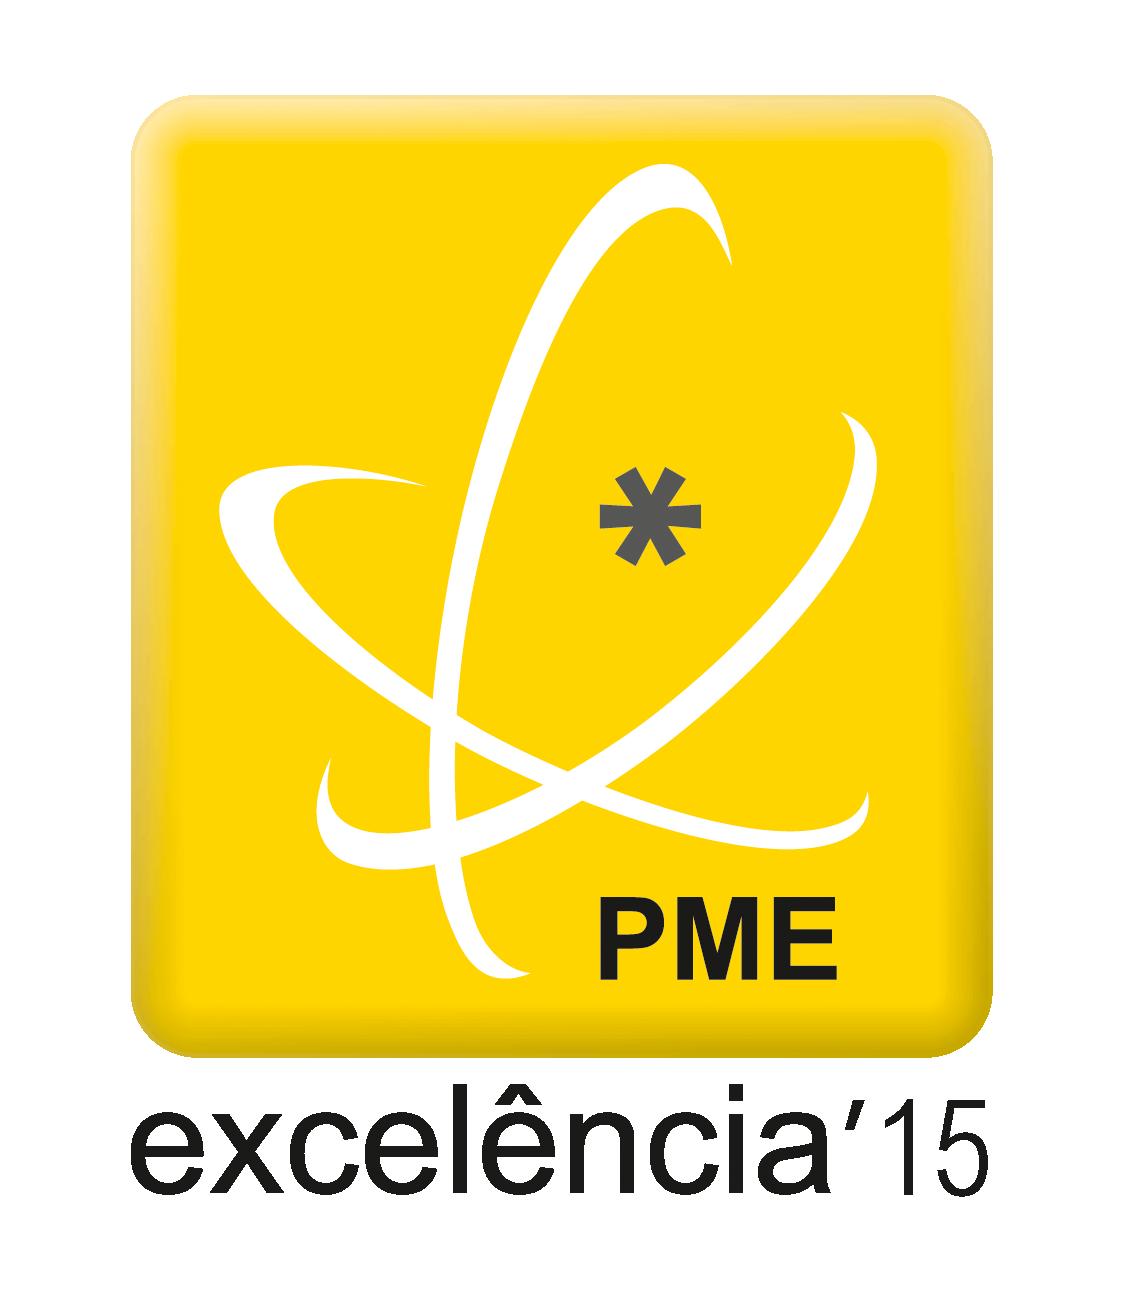 excelencia 2015